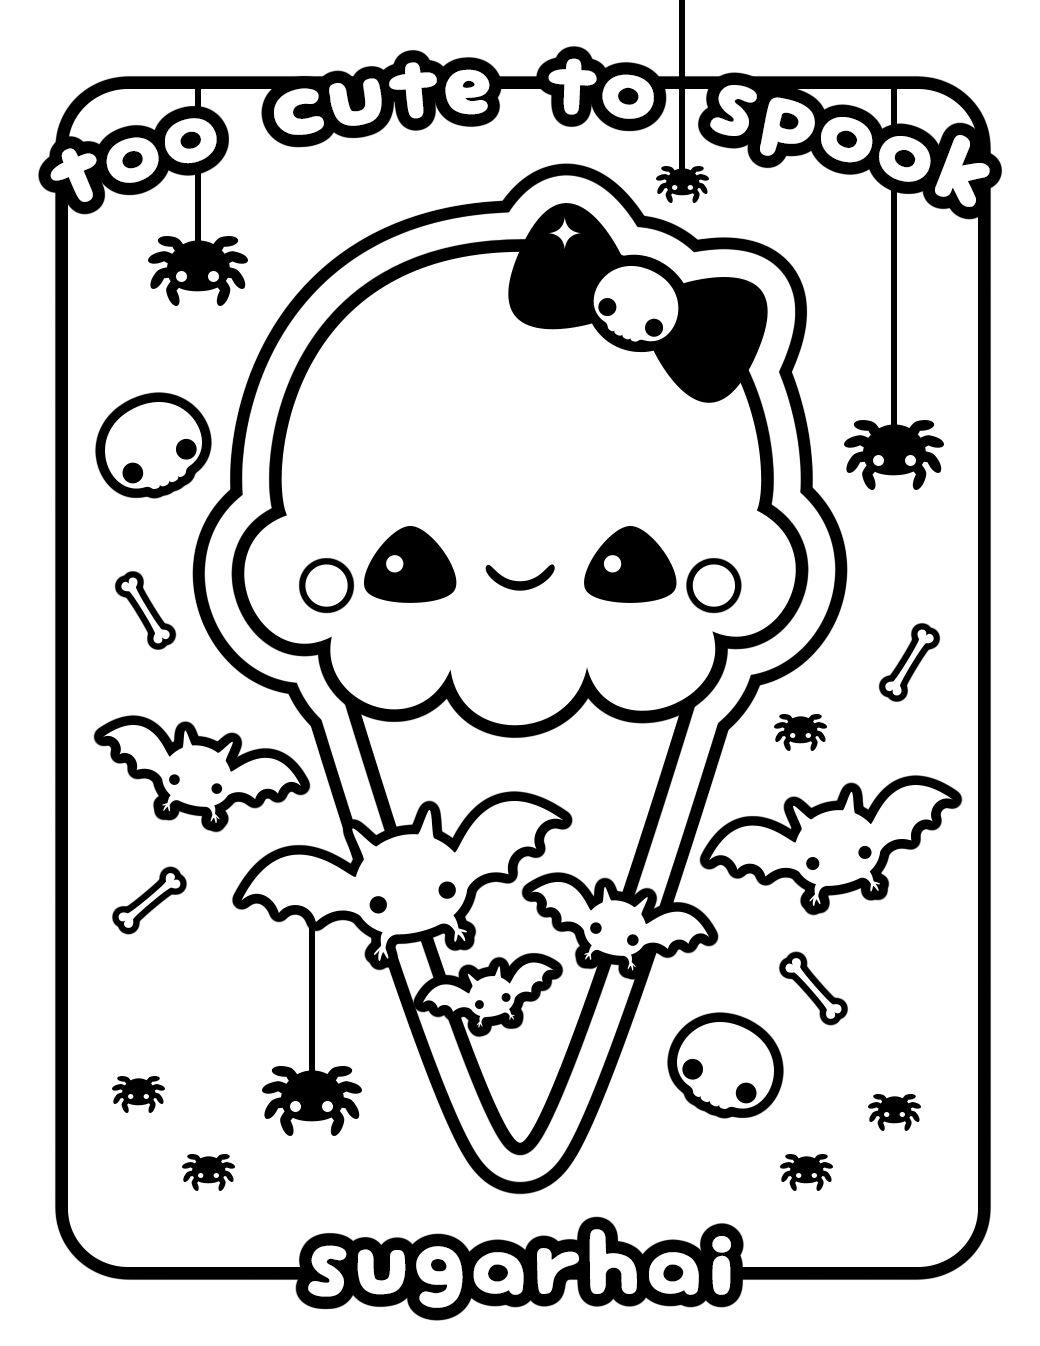 Printable Kawaii Coloring Pages Coloringsuite | Free